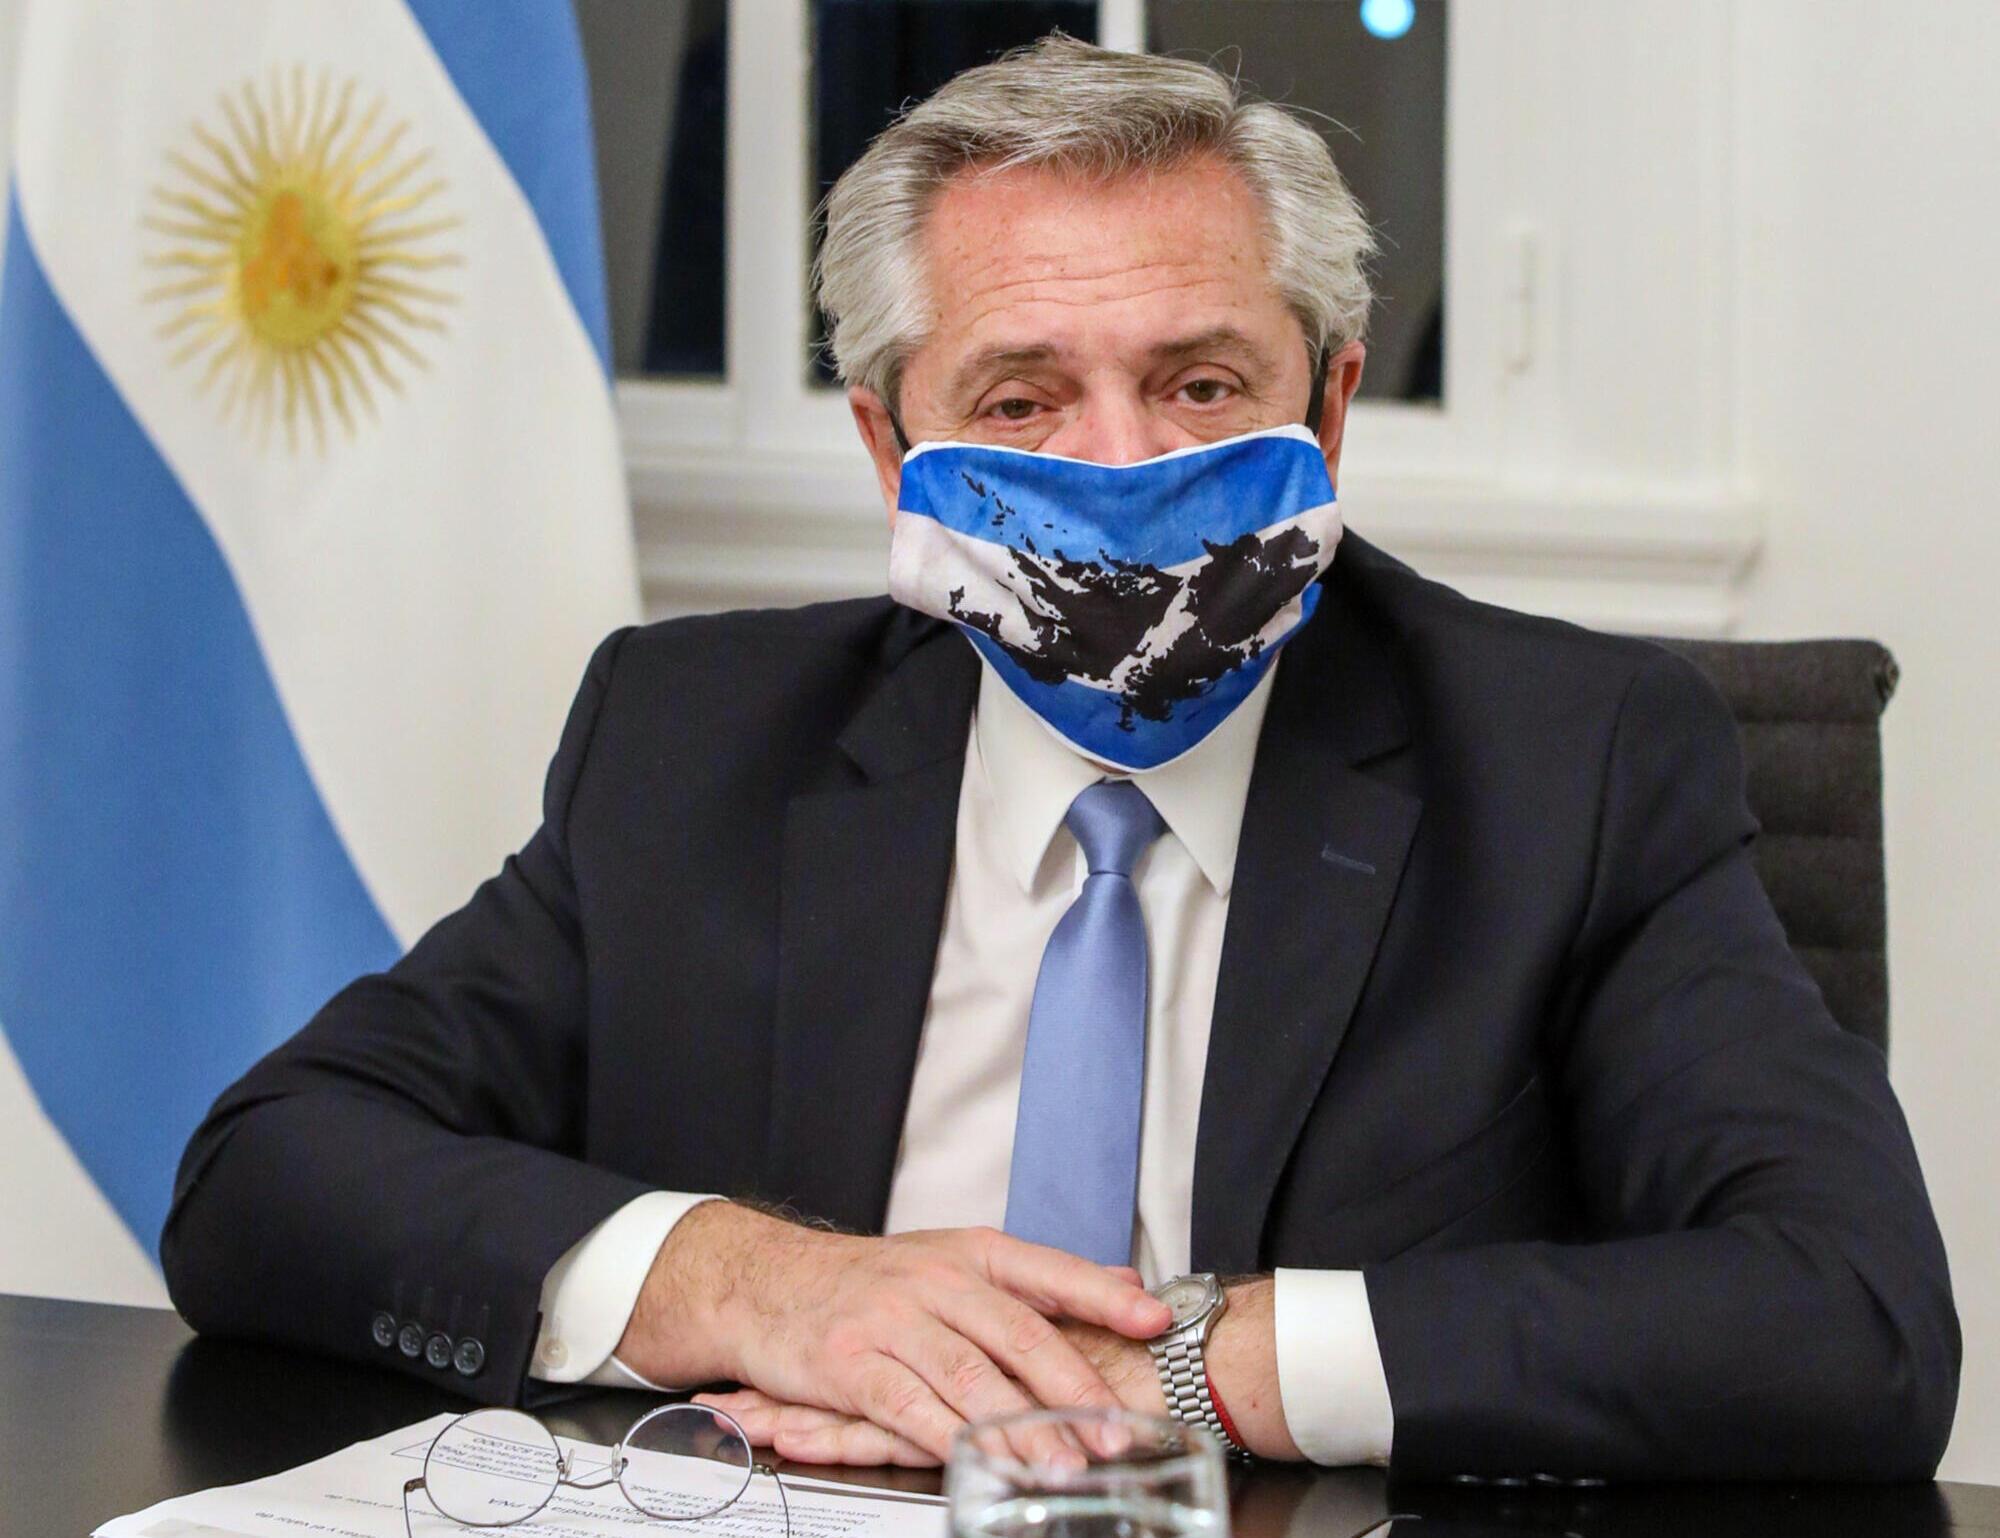 El presidente de Argentina, Alberto Fernández, con una mascarilla con el mapa de las islas Malvinas en su residencia en Olivos, Buenos Aires, el 10 de junio de 2020